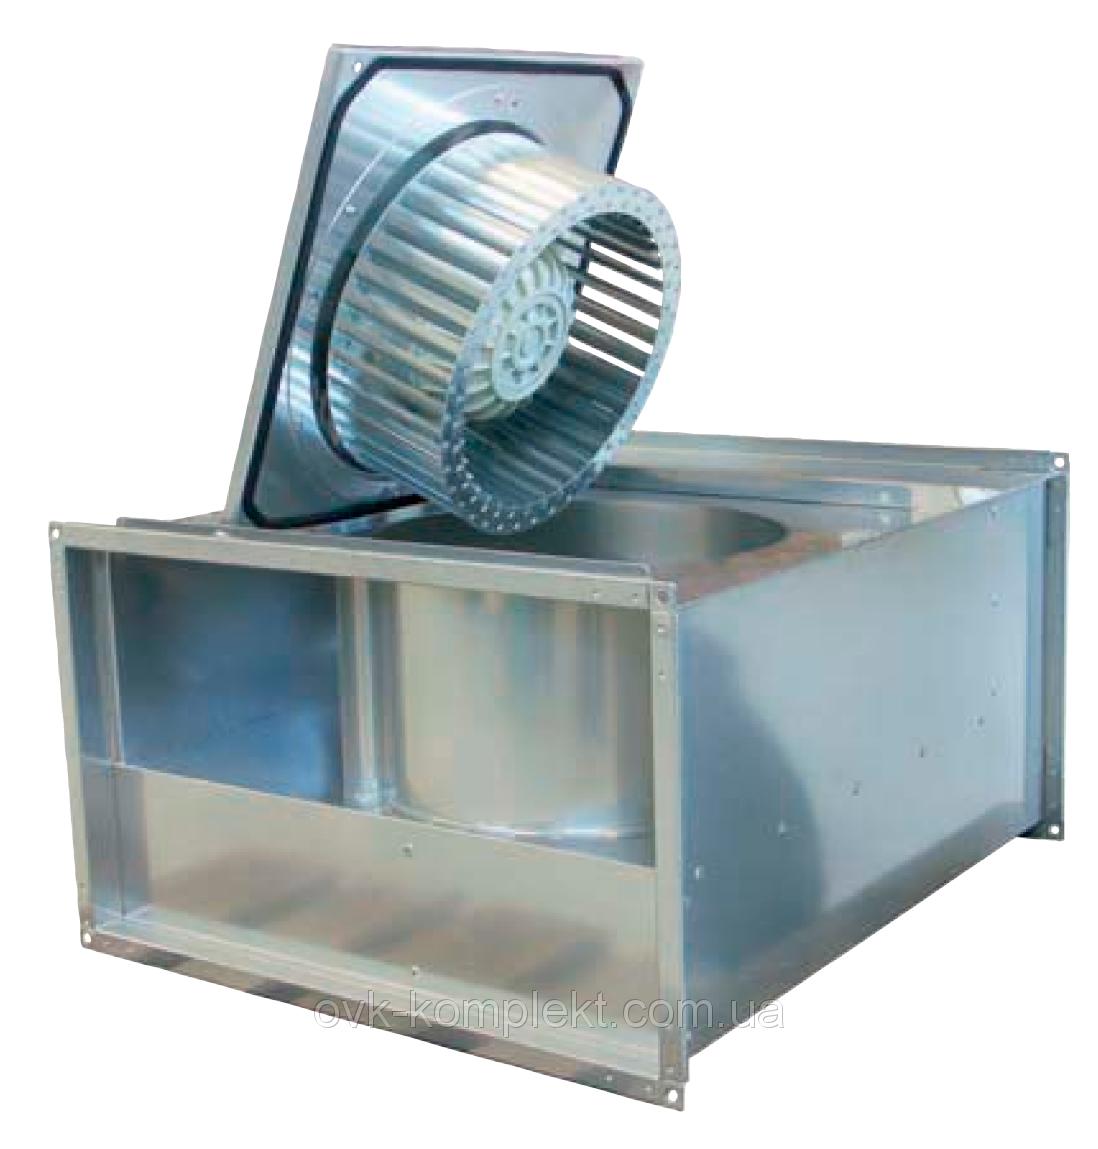 Systemair KT 70-40-4 - Вентилятор для прямоугольных каналов